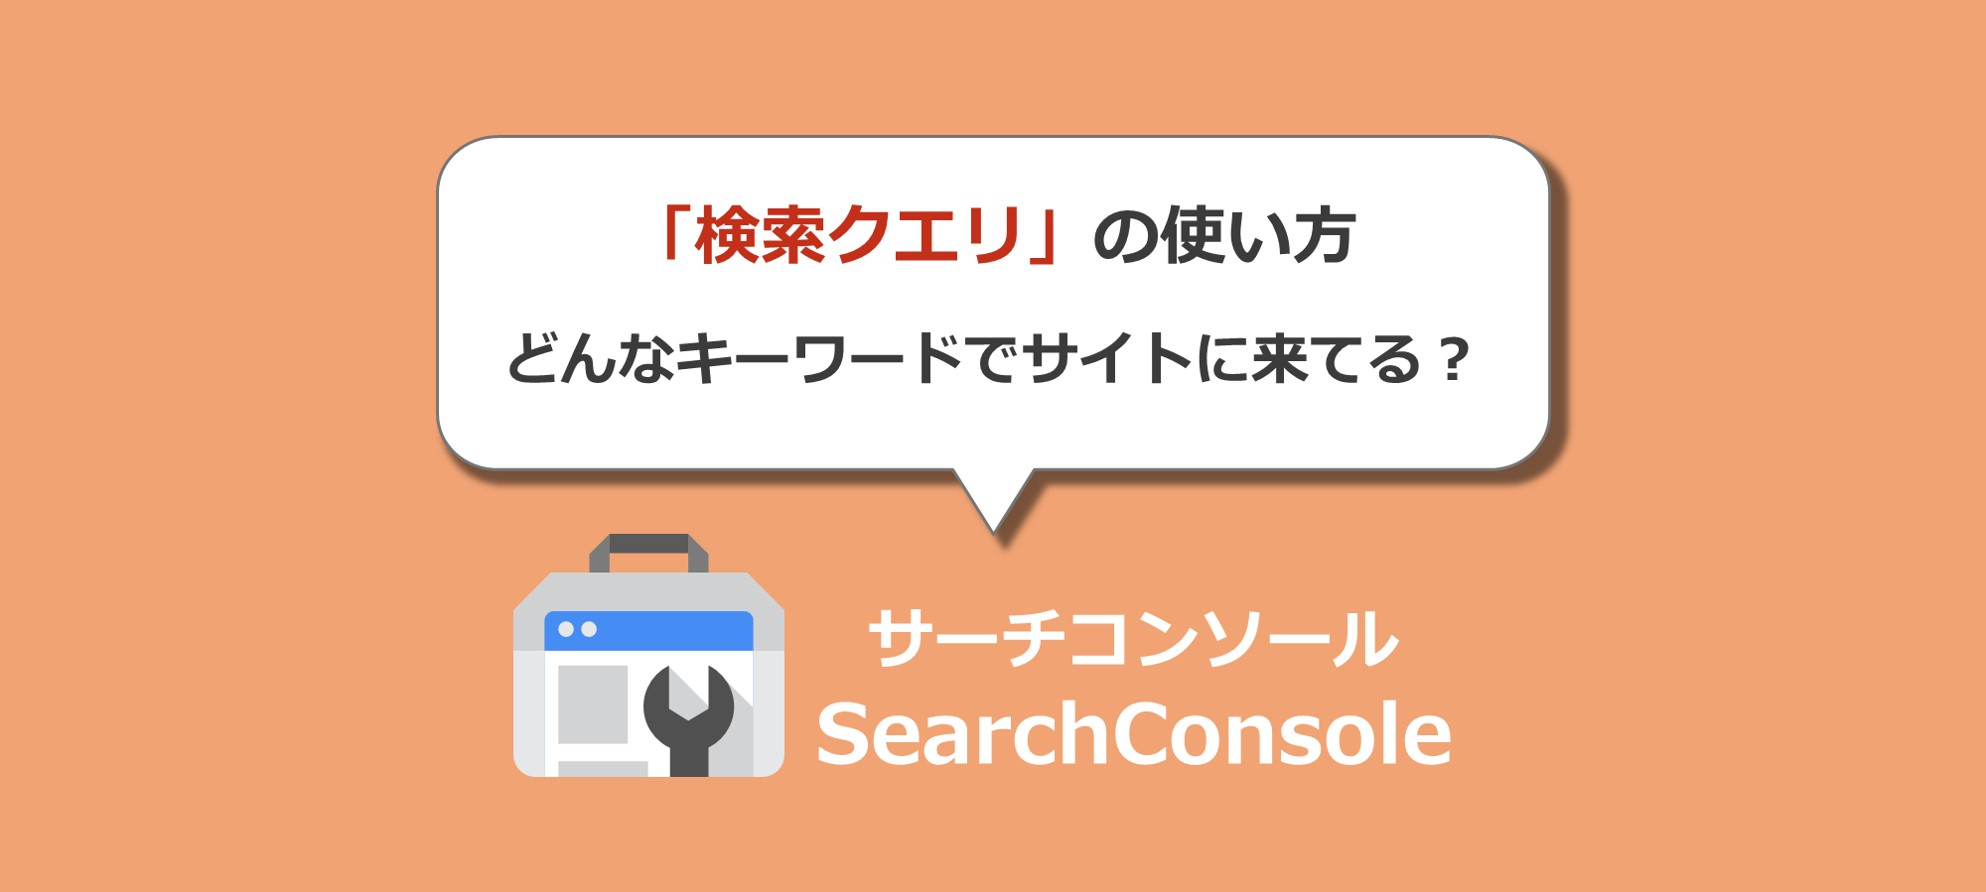 どんなキーワードで検索された?サーチコンソール検索クエリの使い方